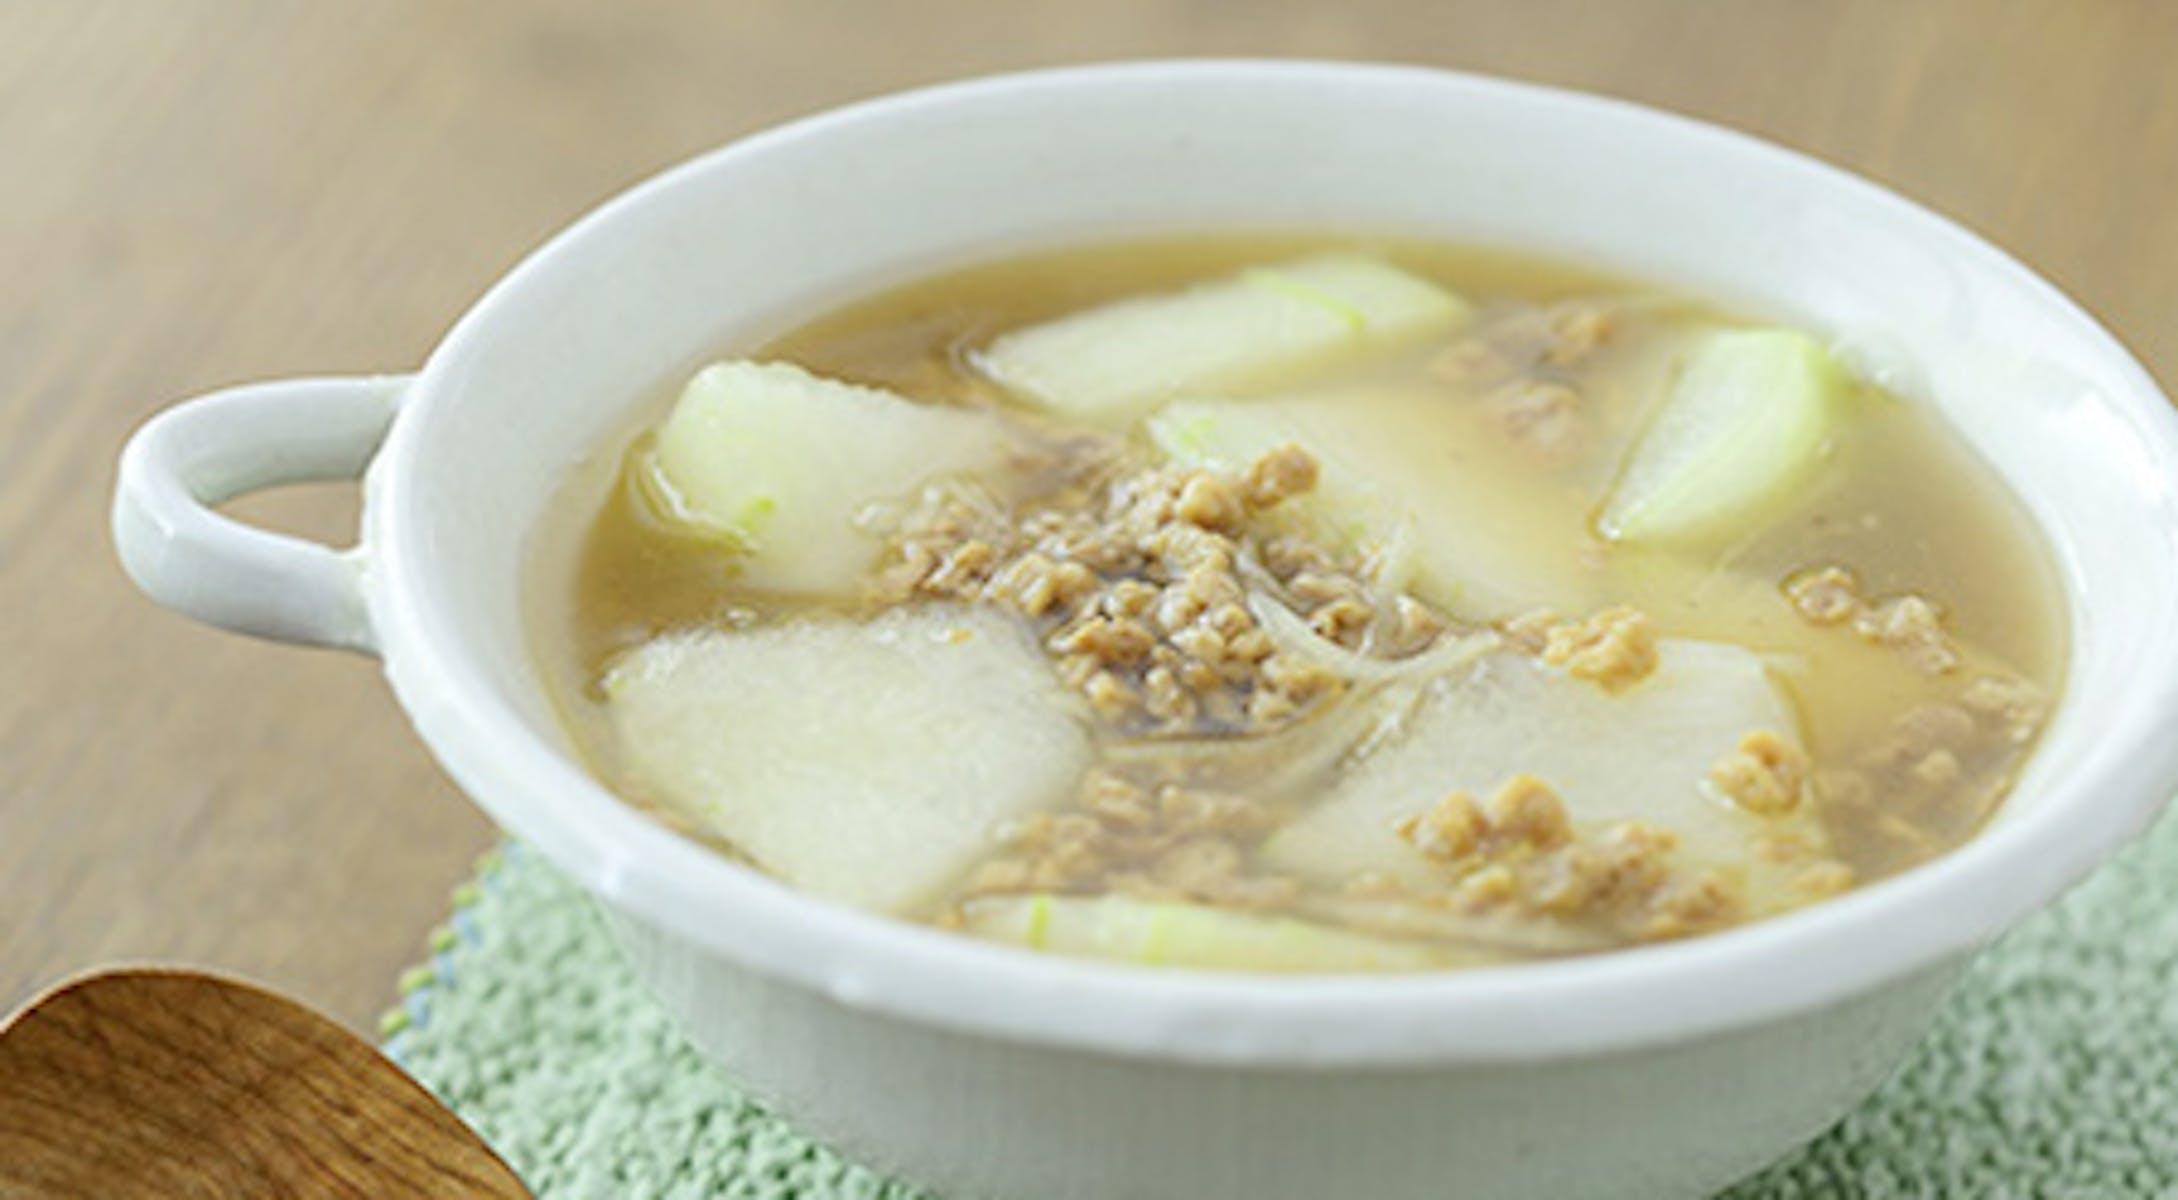 冬瓜と大豆のお肉のとろとろ生姜スープ